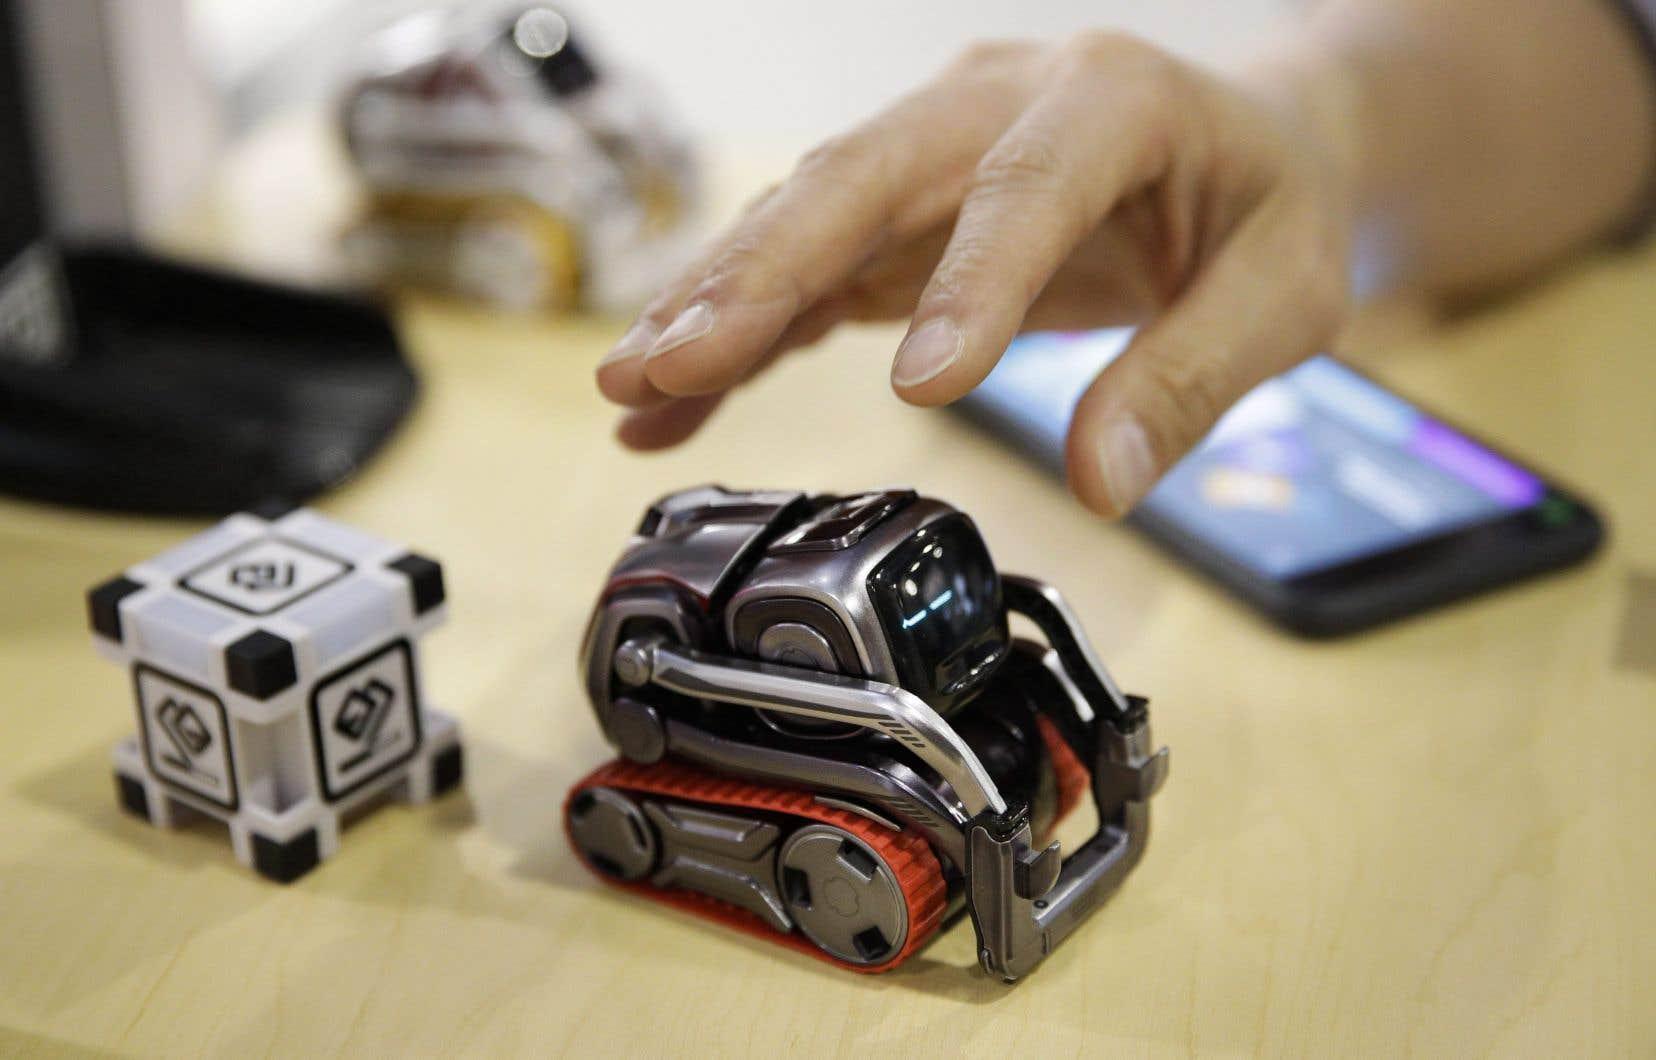 Le chien-robot Cozmo, produit par la société américaine Anki, répond et interagit selon les déplacements, les mots et les actions de l'enfant.